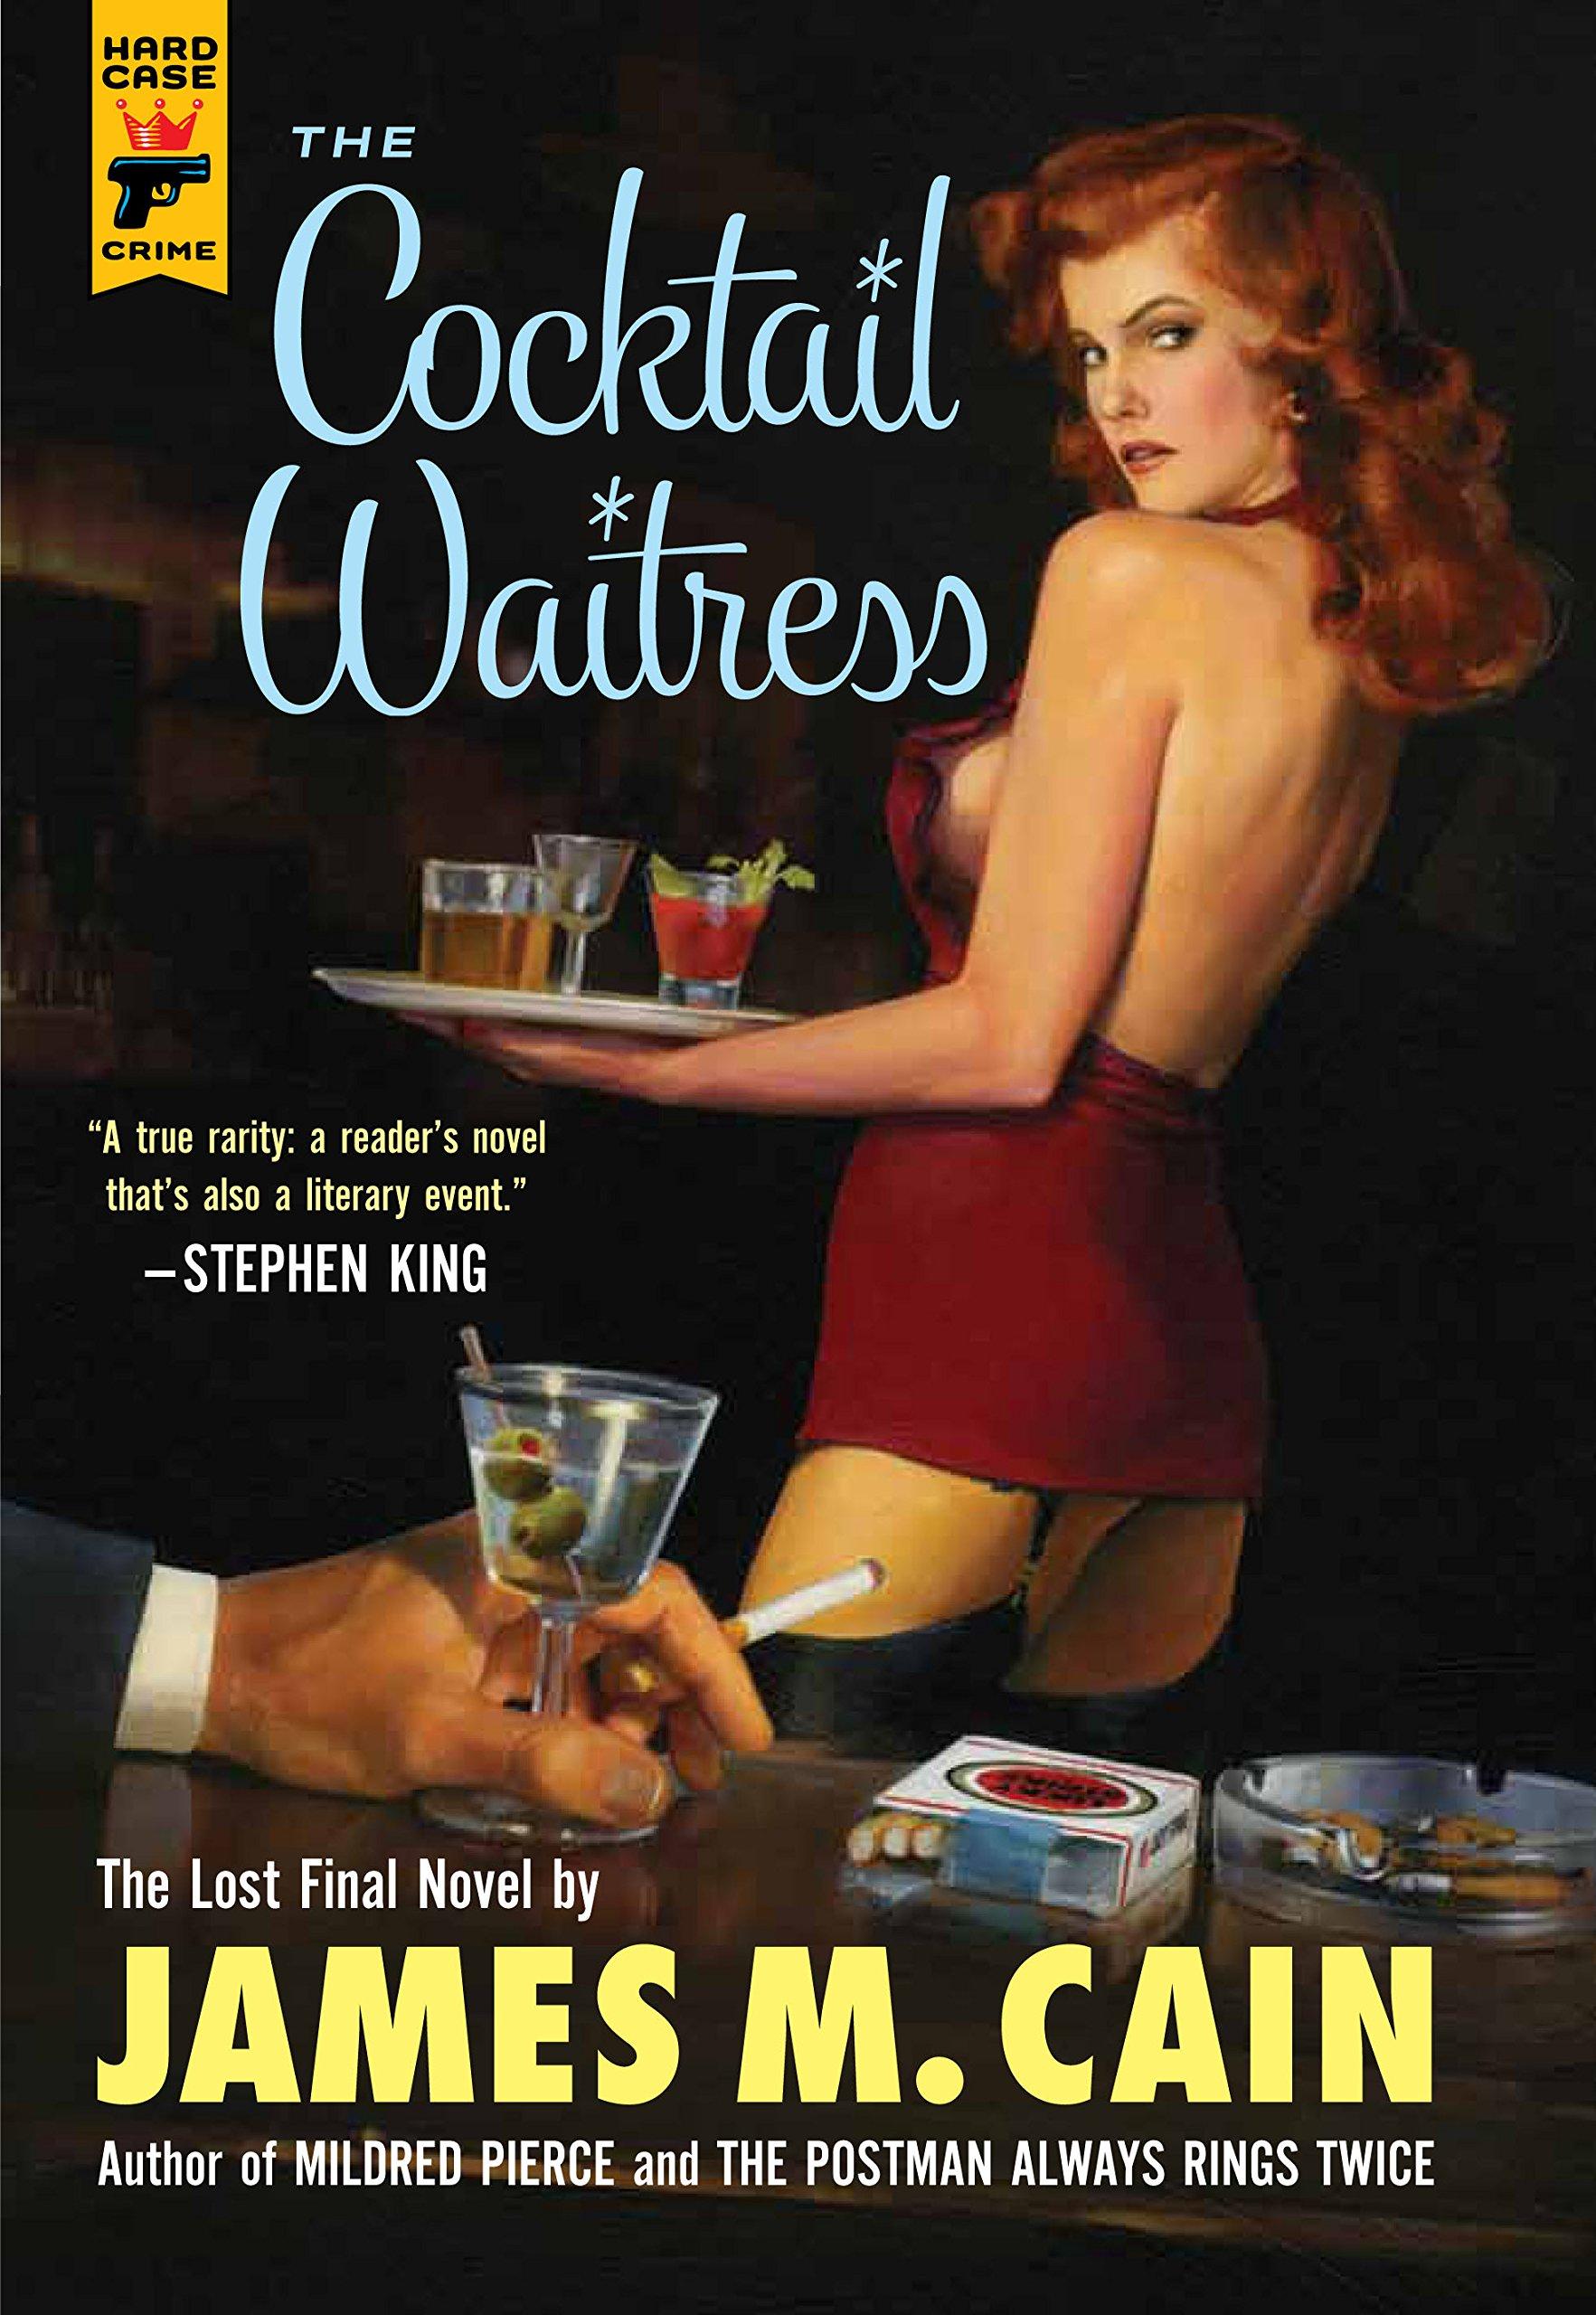 Amazon.com: The Cocktail Waitress; femme fatale: James M. Cain: Books